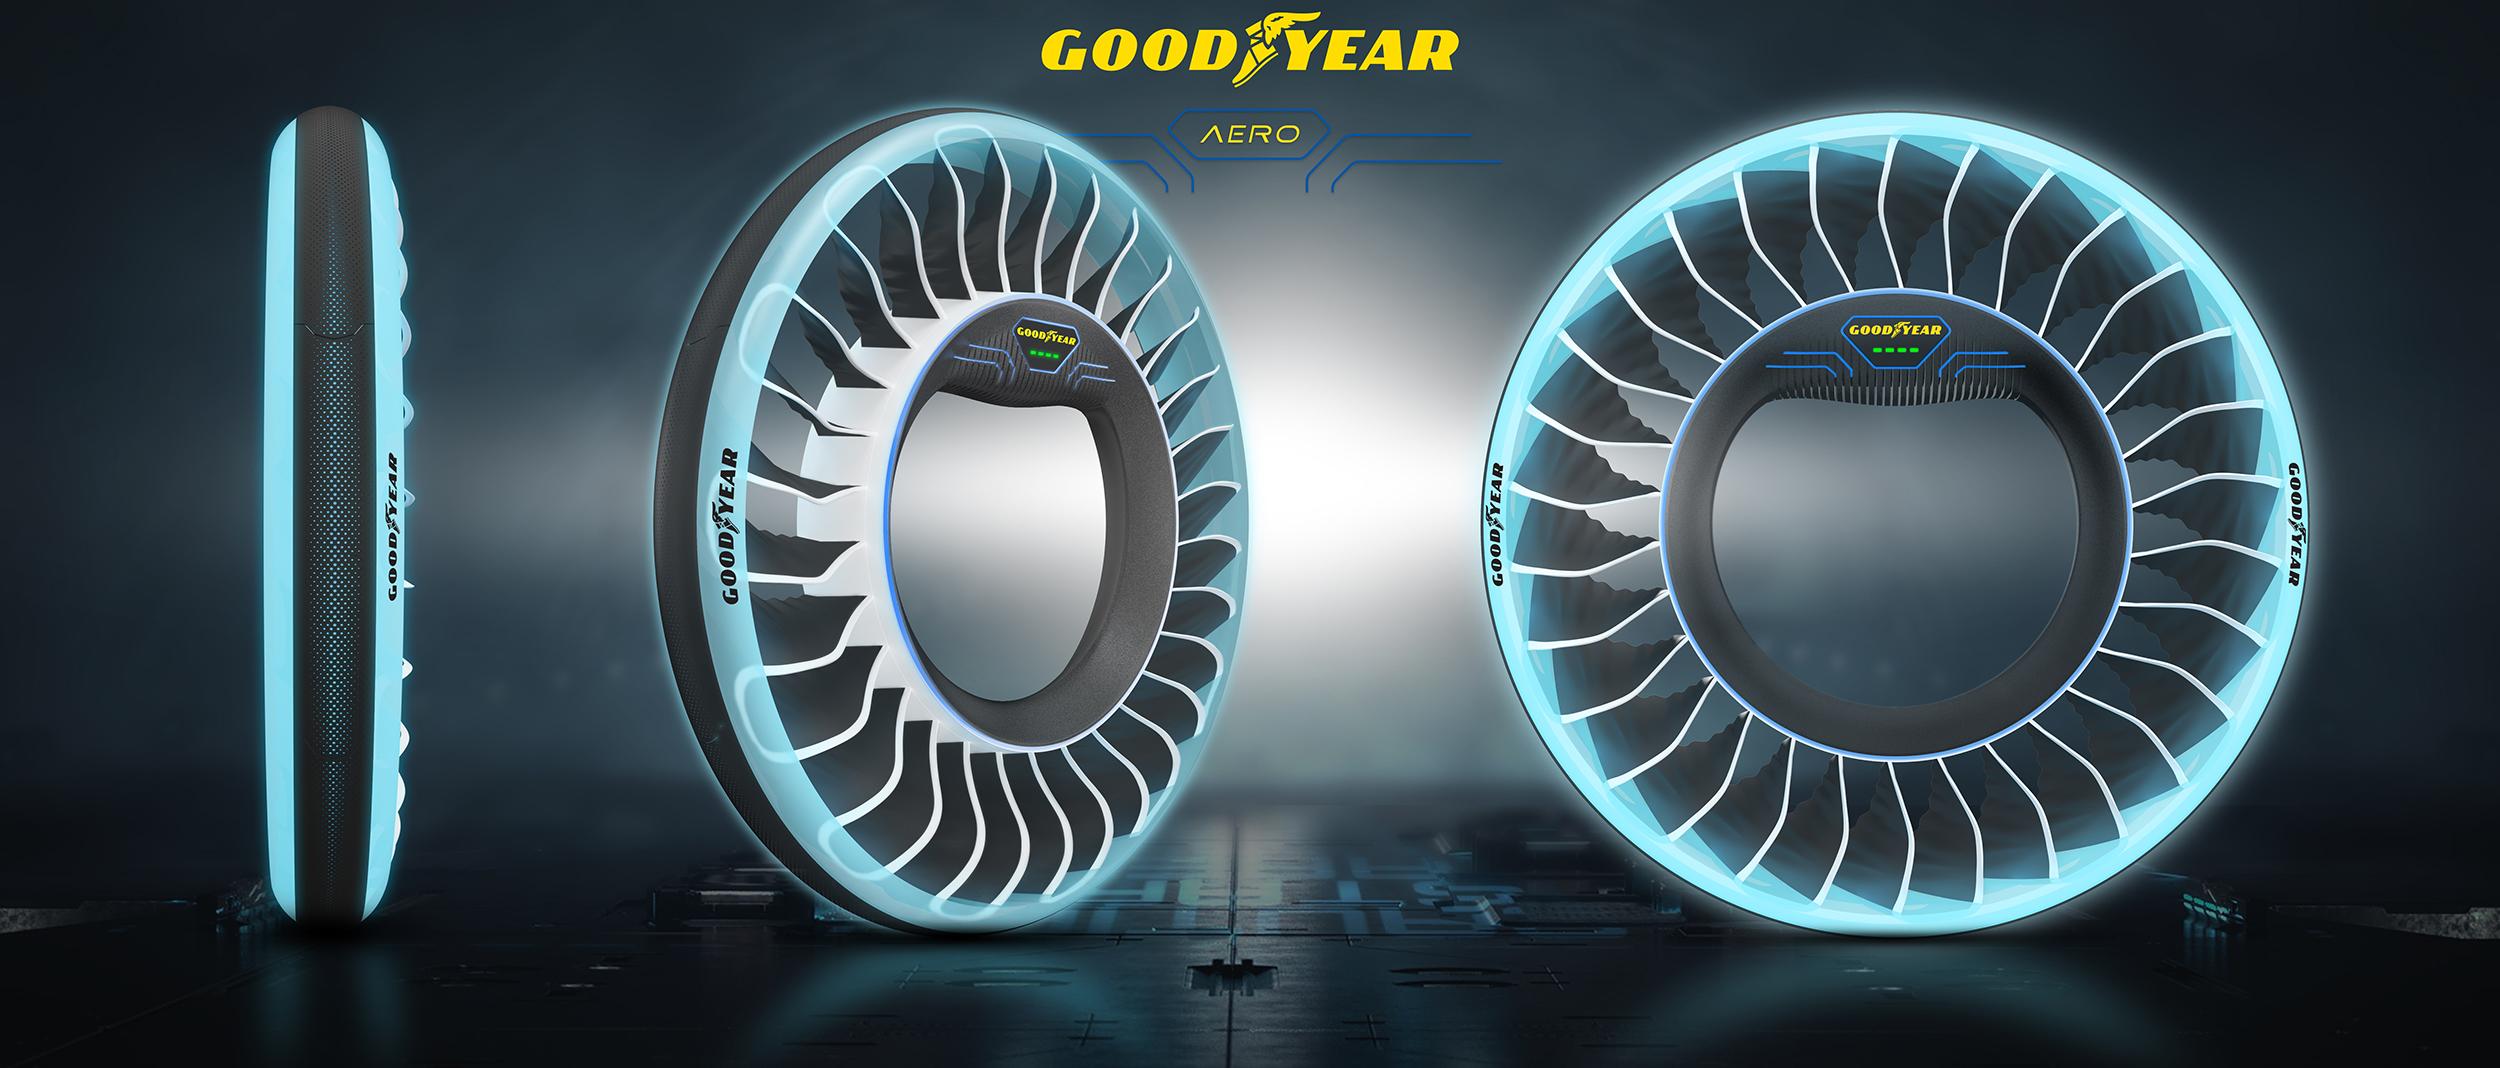 Goodyear Aero